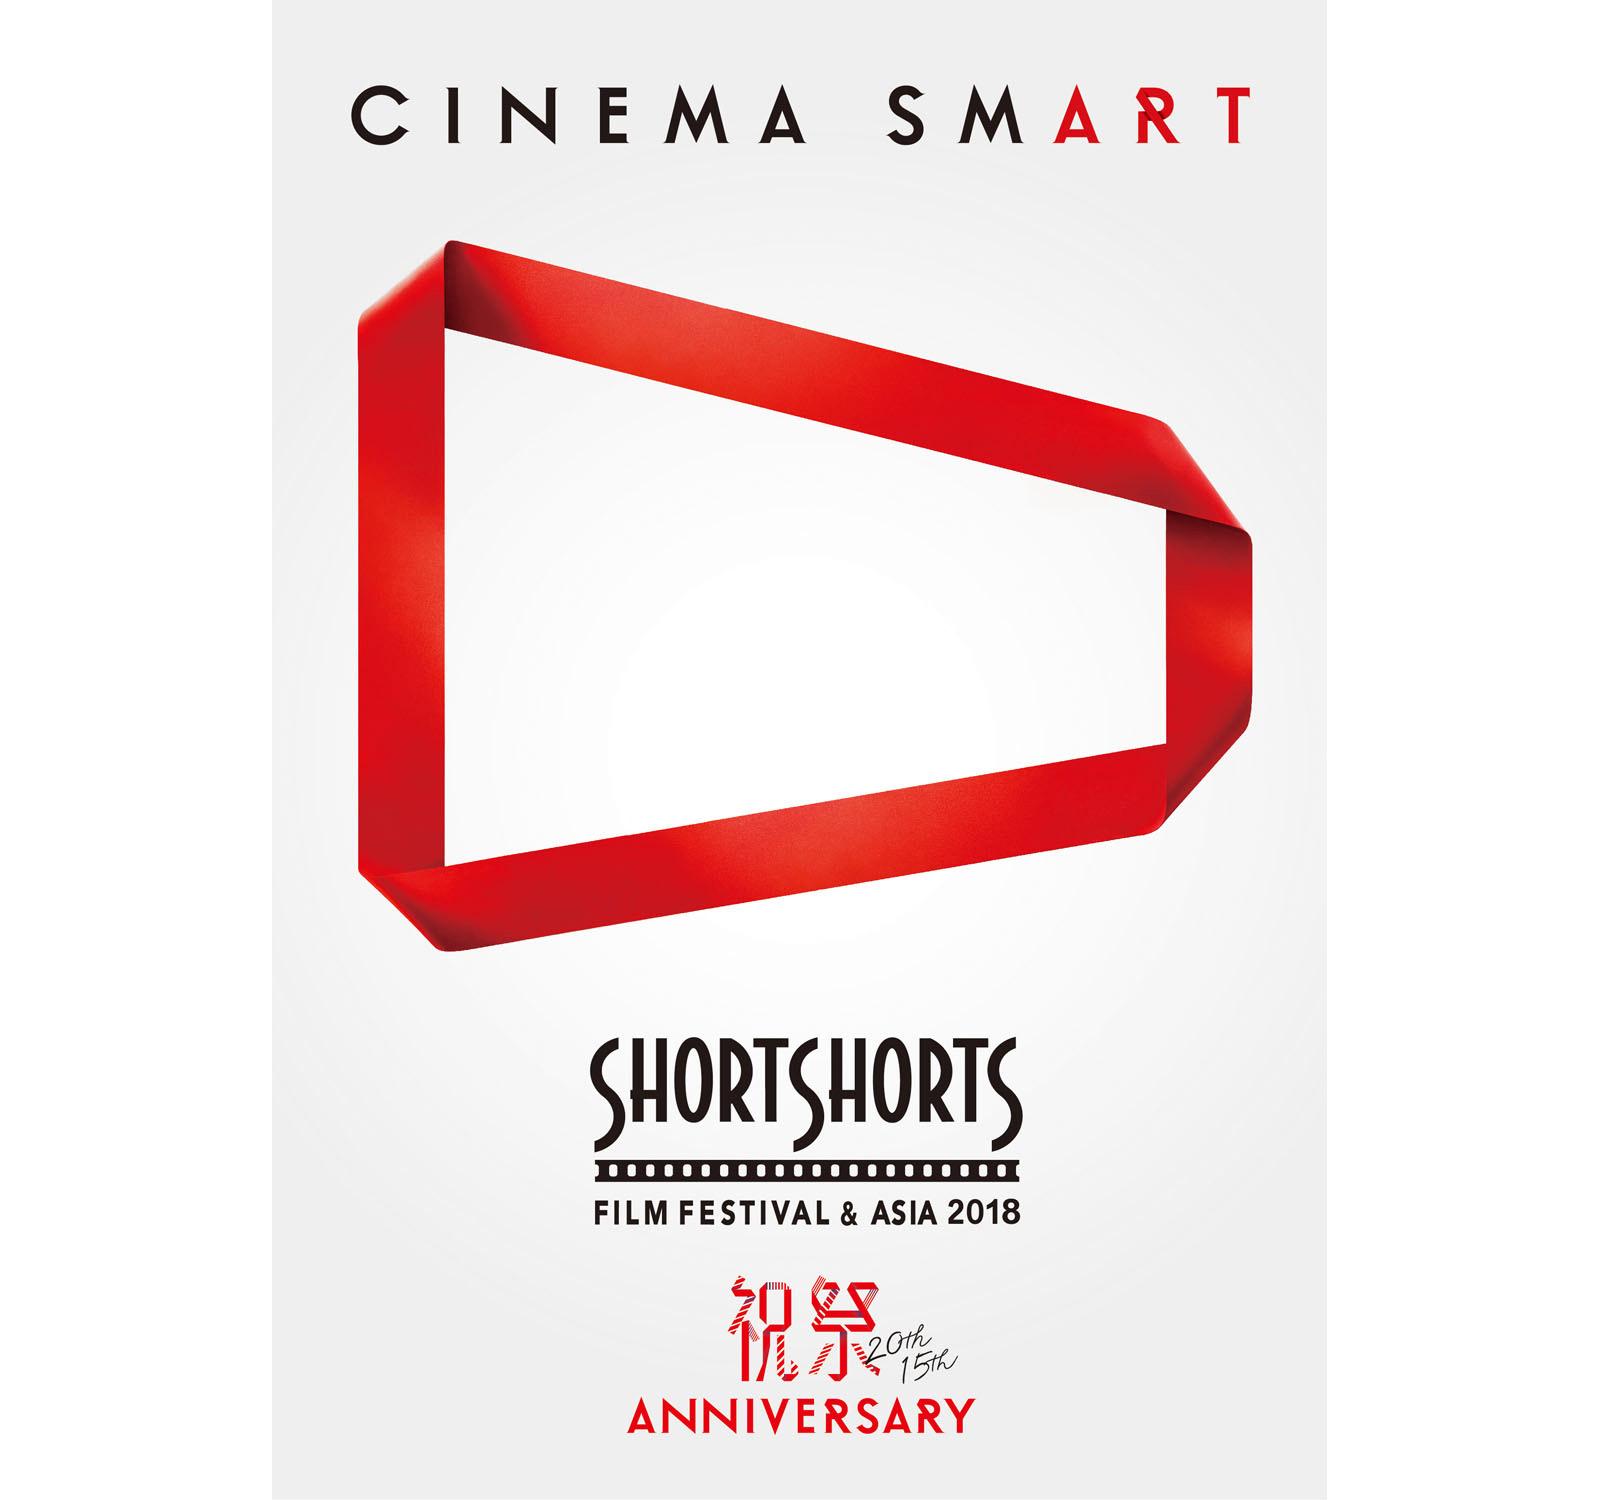 ショートショート フィルムフェスティバル&アジア 2018開催